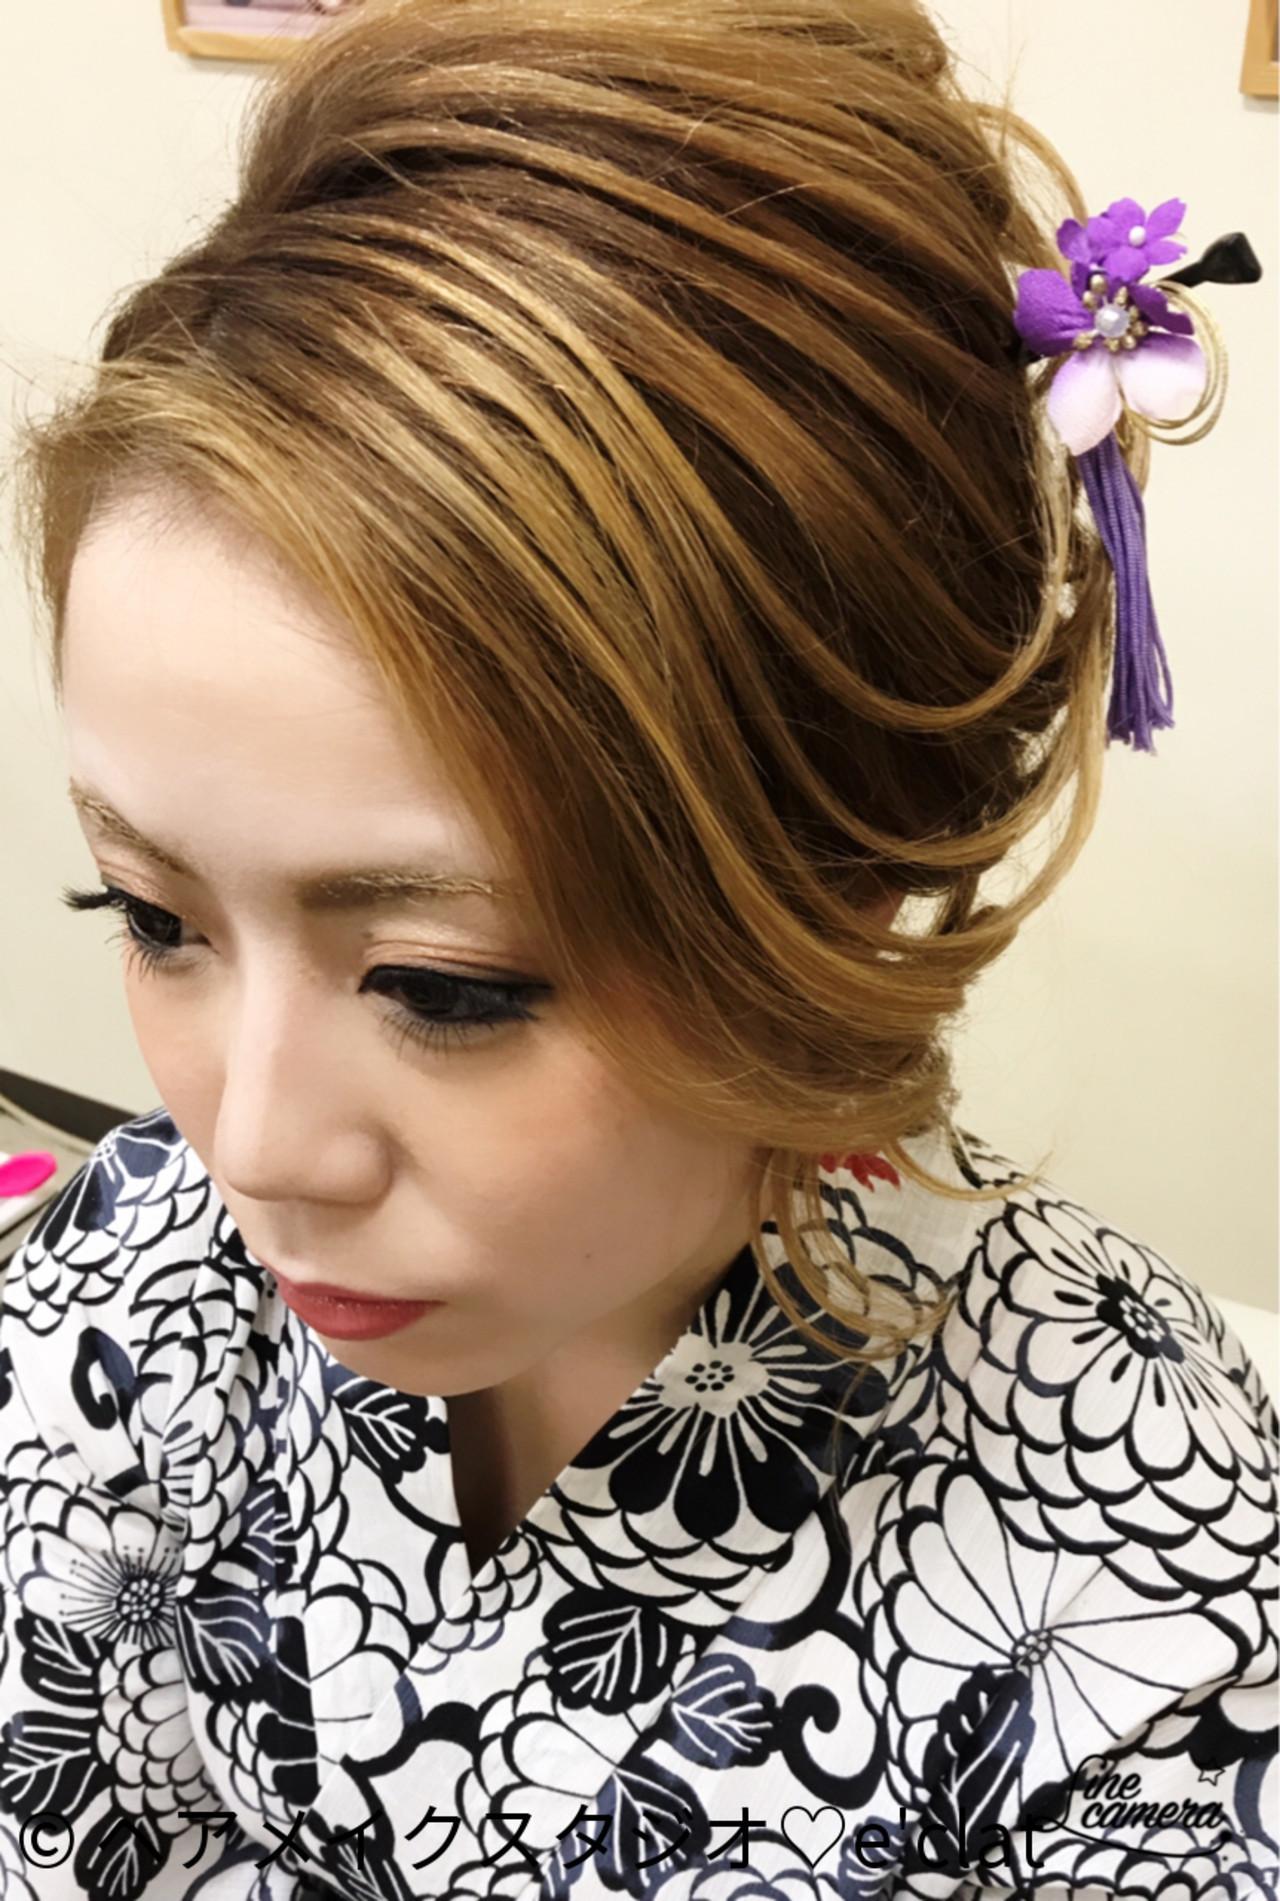 夜会巻 色気 大人女子 エレガント ヘアスタイルや髪型の写真・画像